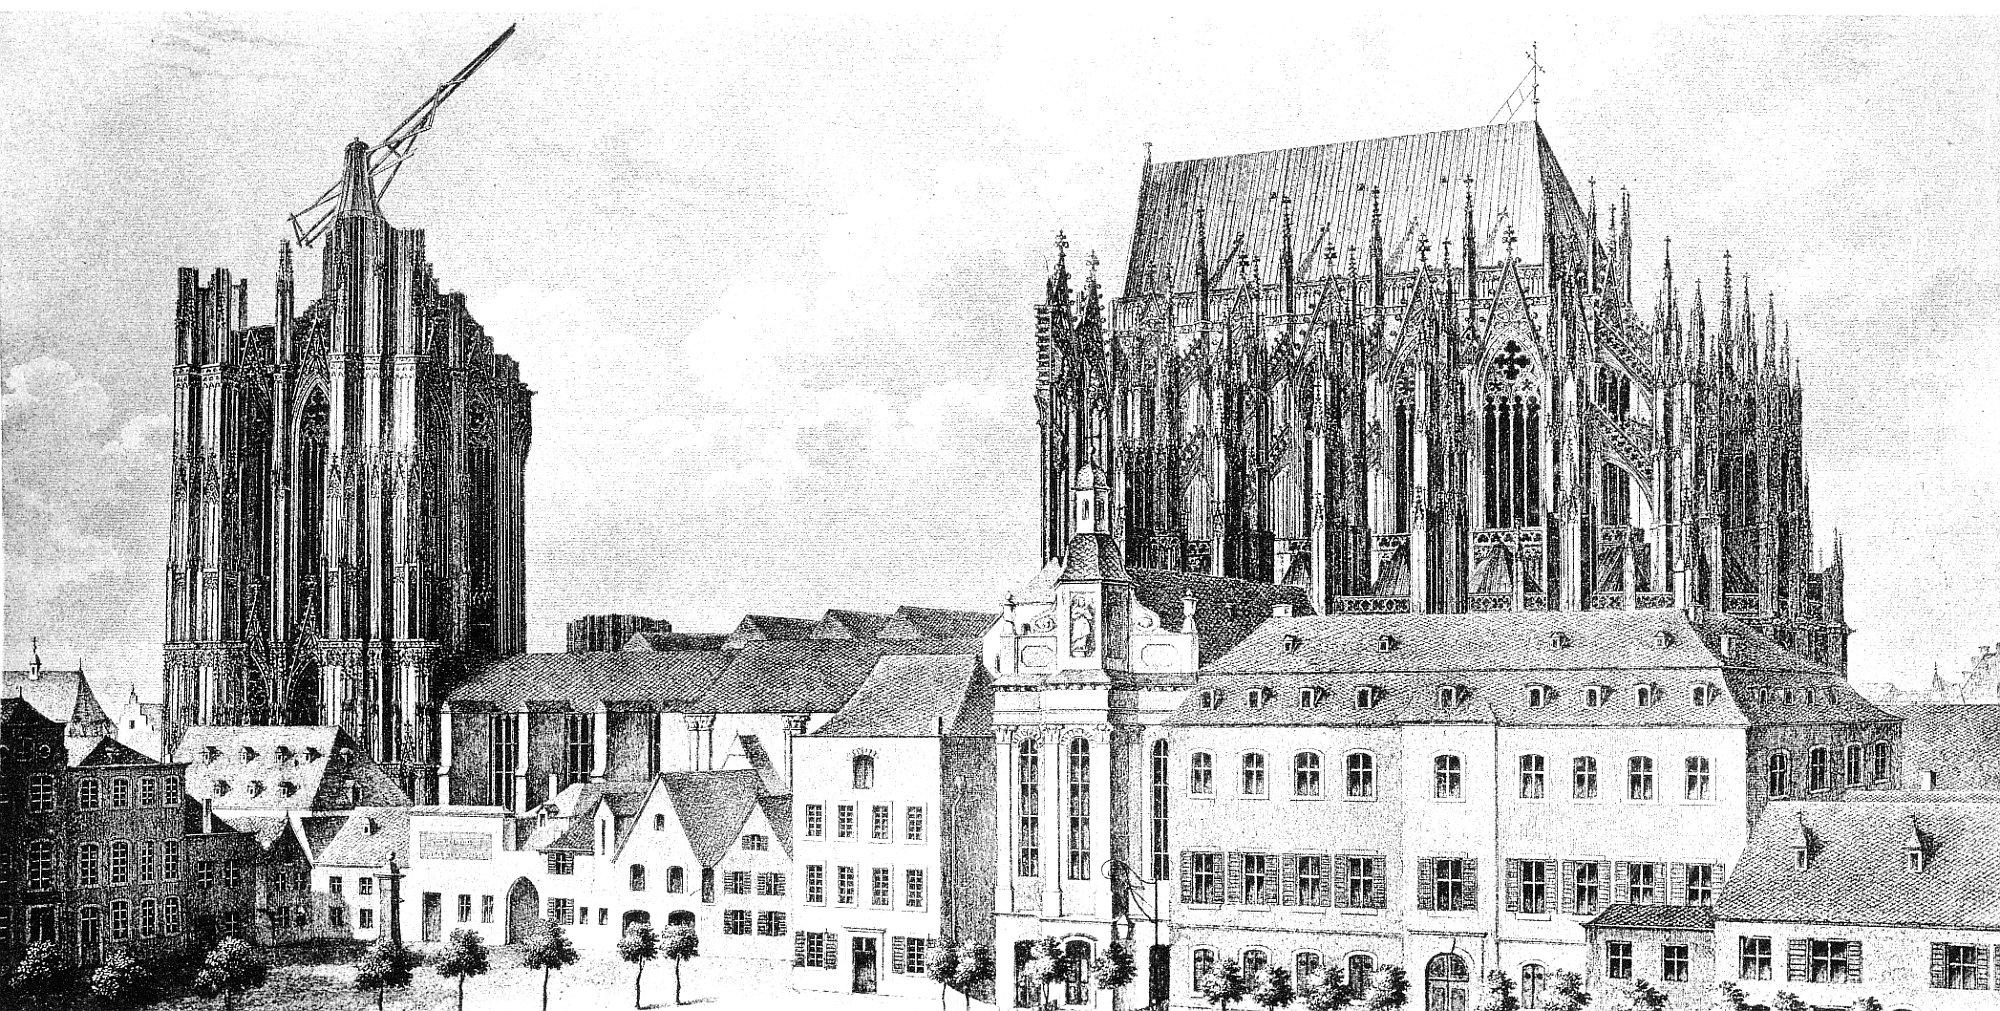 Hasak - Der Dom zu Köln - Bild 22 1824.jpg